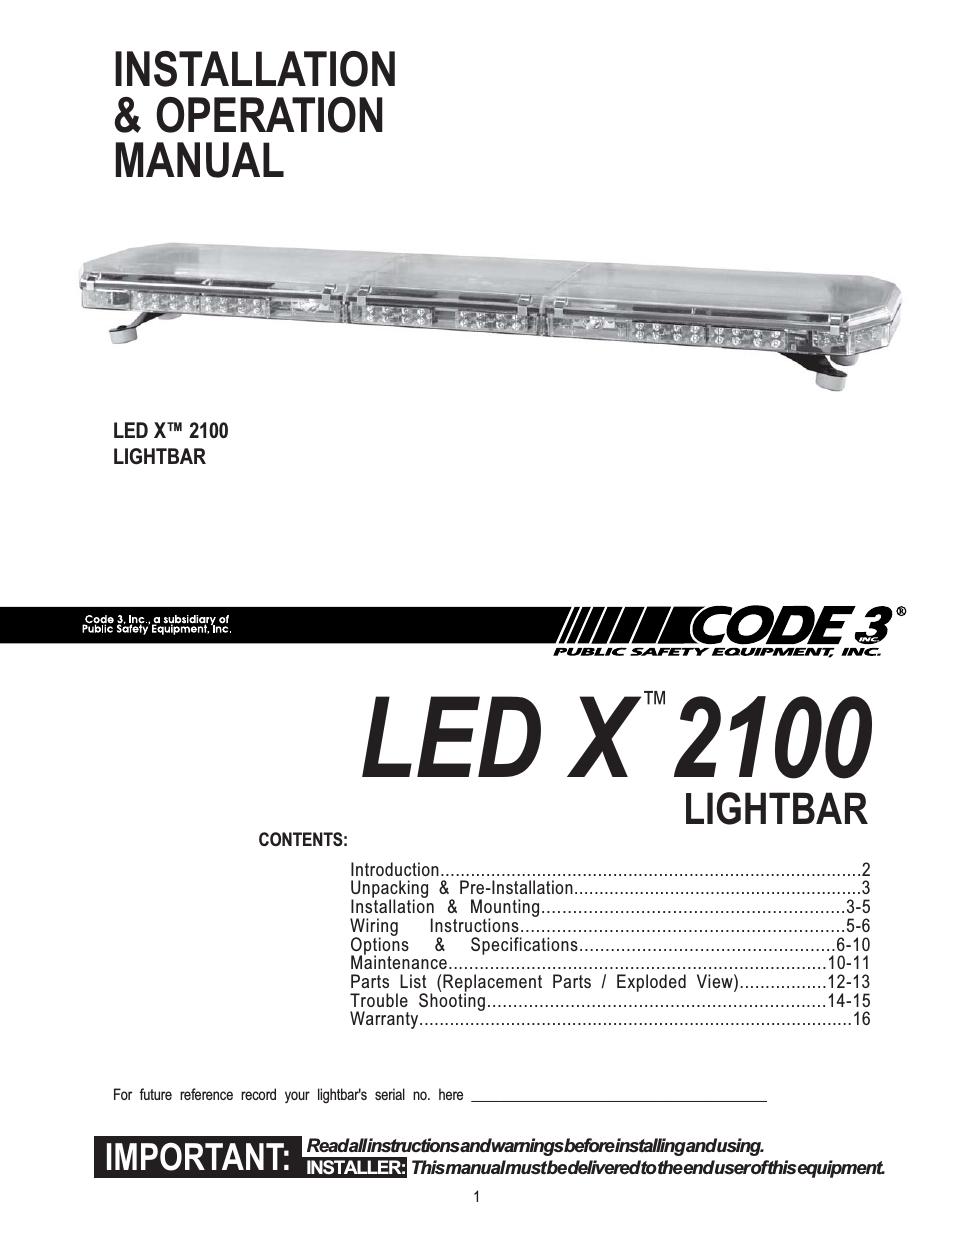 Code 3 Light Bar Wiring Diagram | Wiring Diagram - Light Bar Wiring Diagram